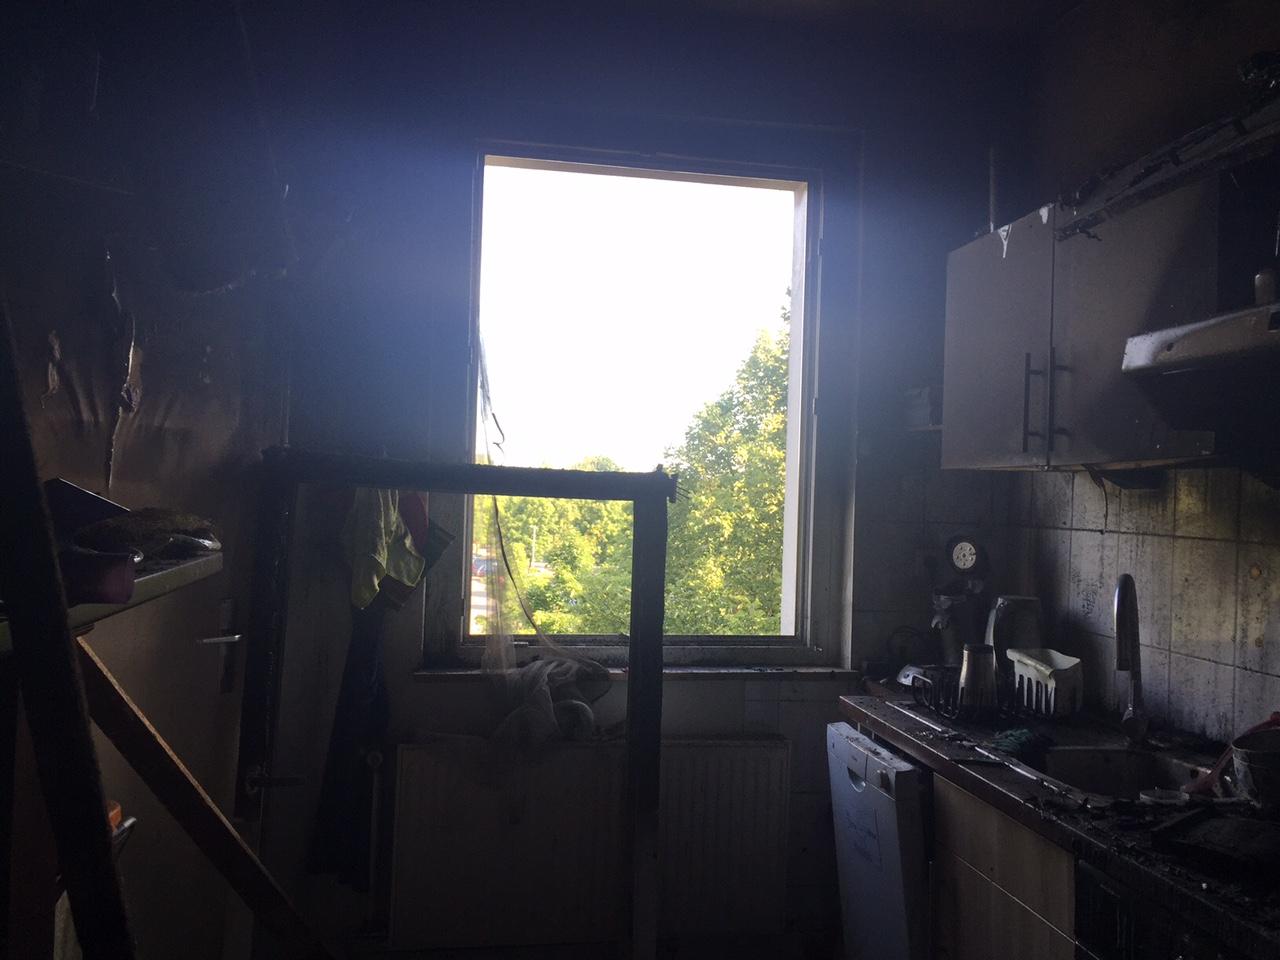 168. F3Y Wohnungsbrand - Menschenleben in Gefahr